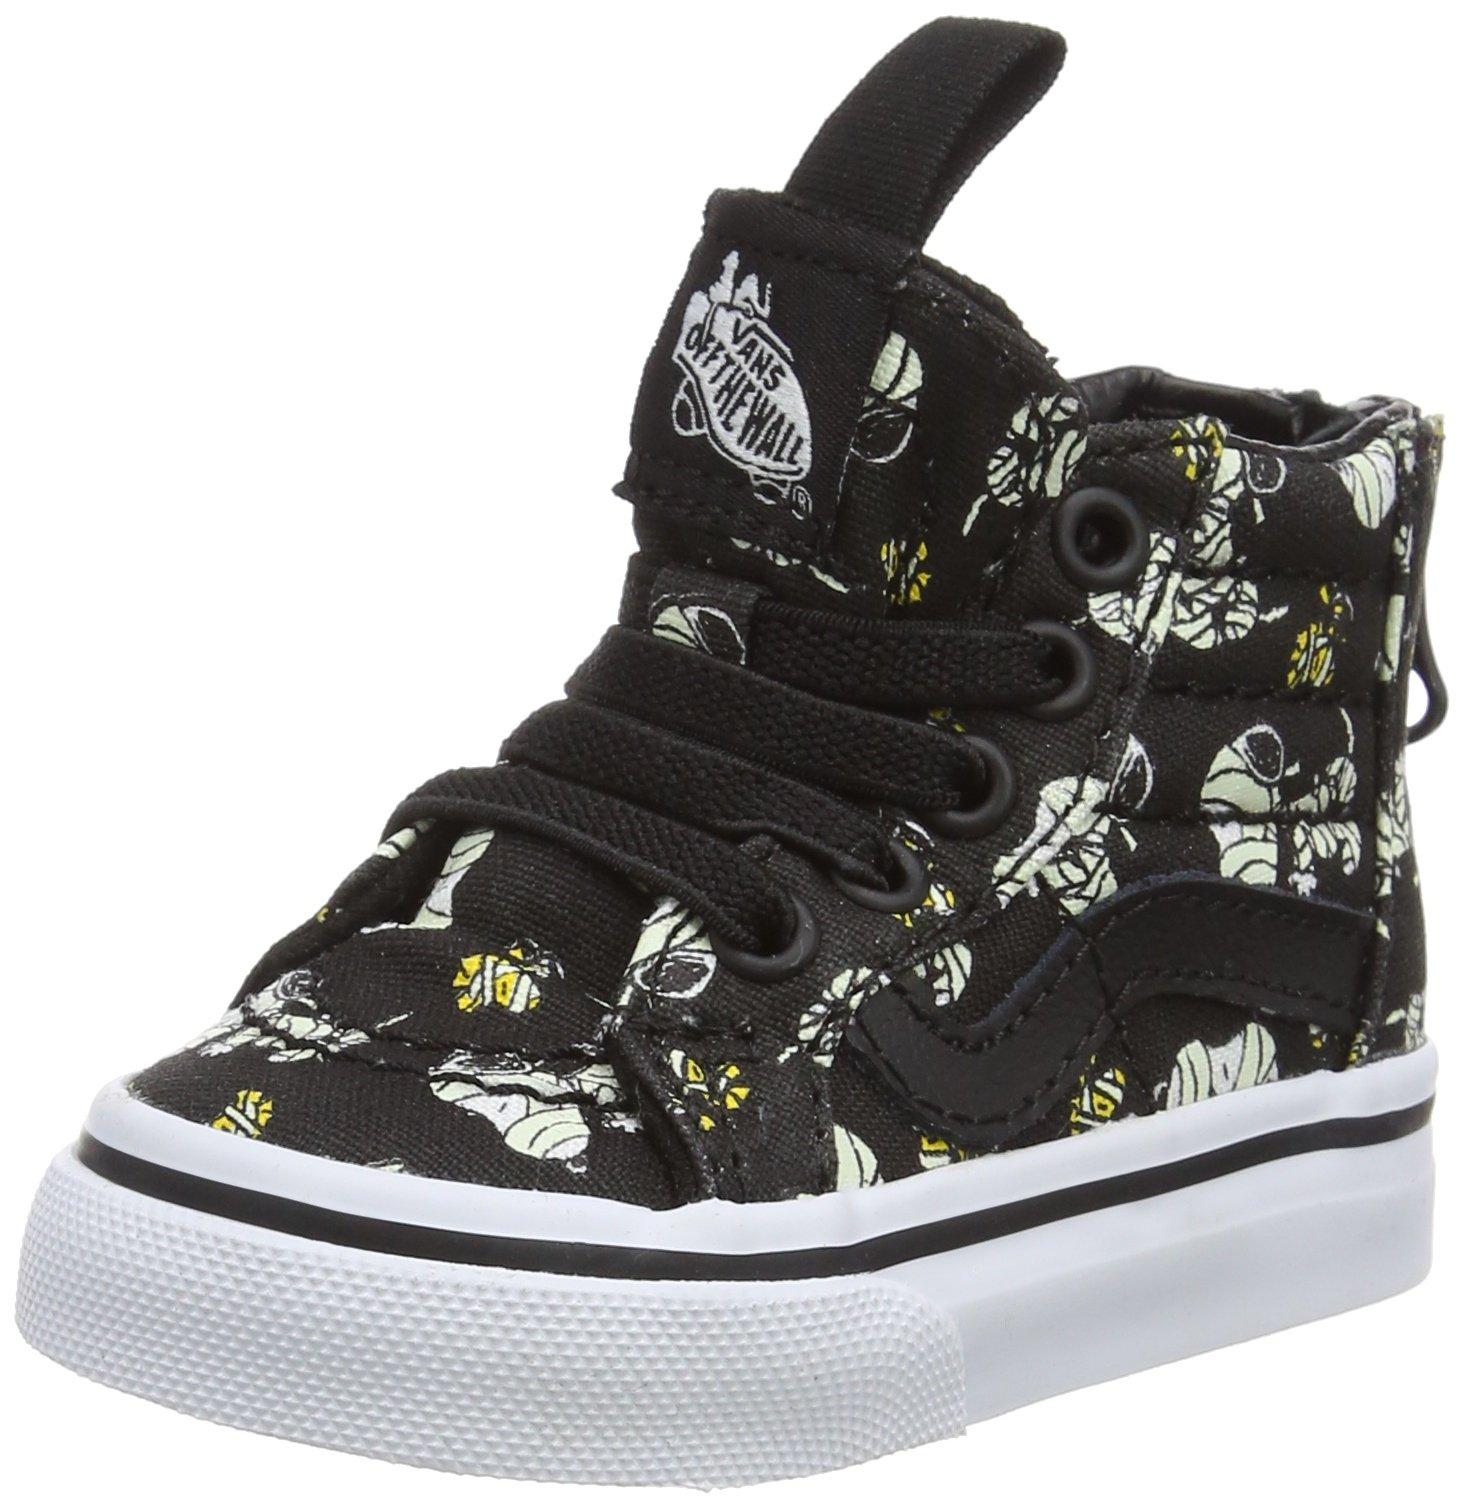 428f182d8be88 Galleon - Vans X Peanuts SK8 Hi Zip Glow In The Dark Mummies Toddlers  Sneakers (7.5 M US Toddler)